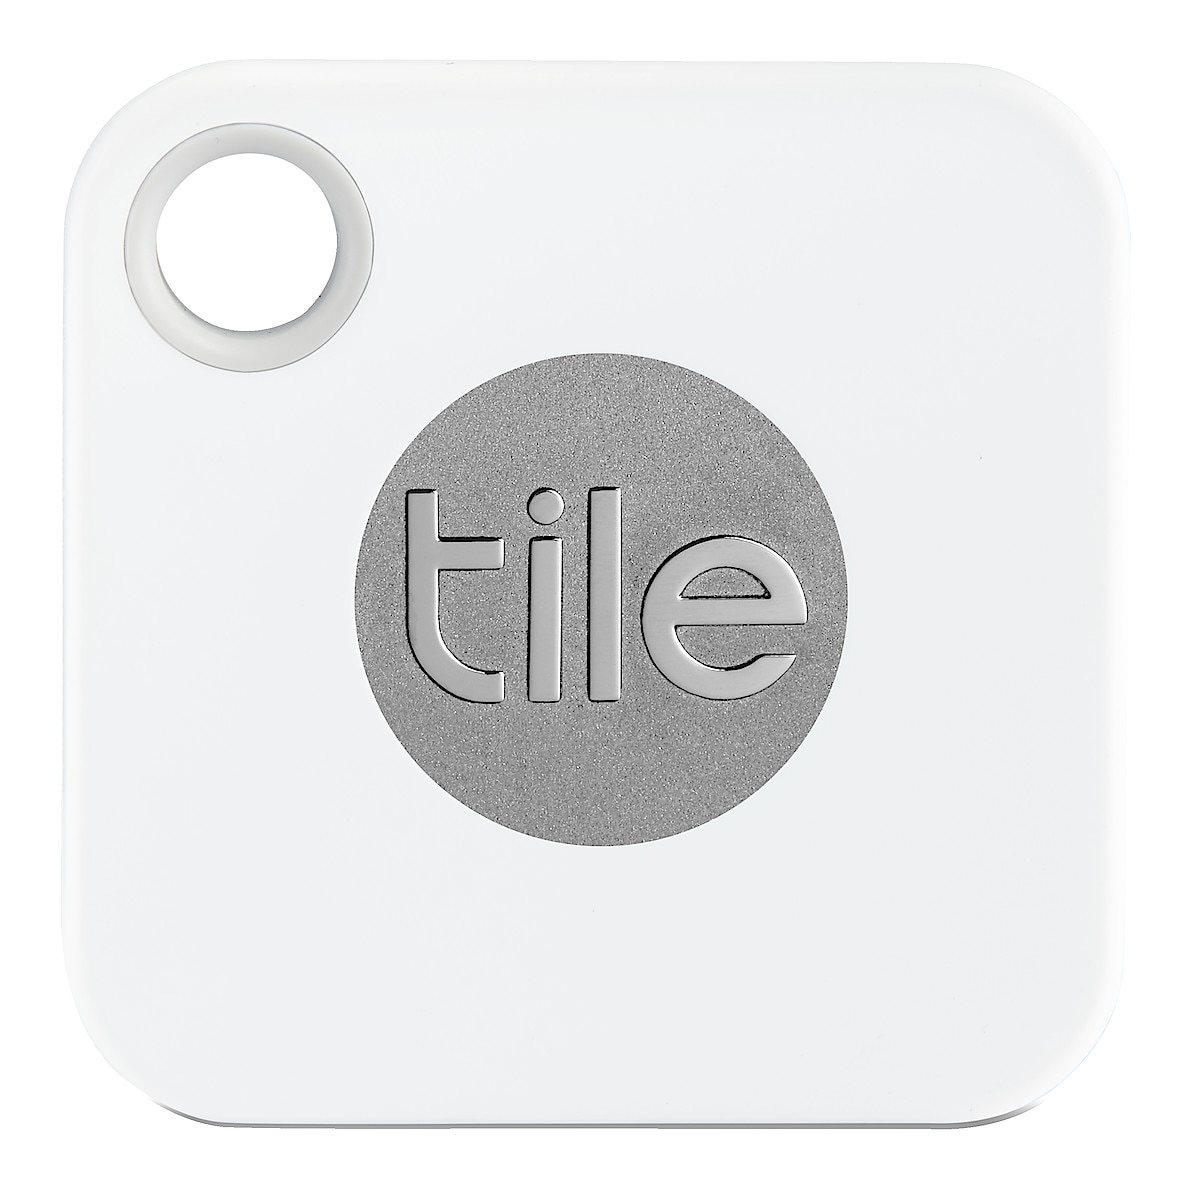 Tile Mate+Slim Bluetooth Paikannin